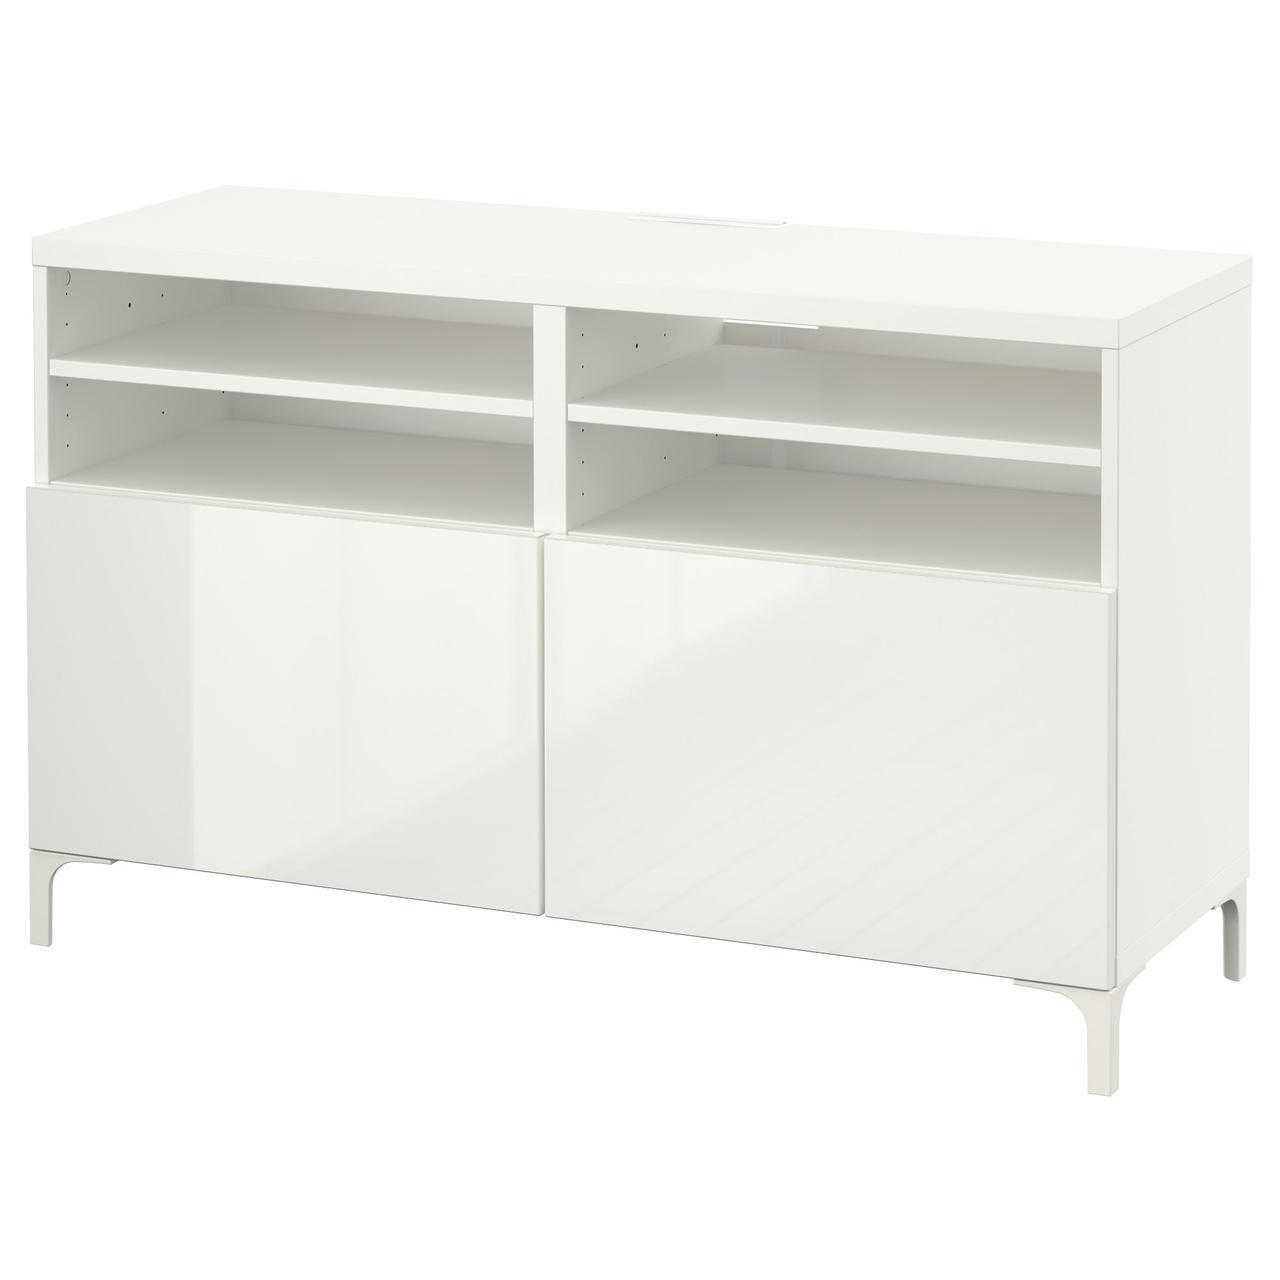 IKEA BESTA Тумба под телевизор с дверями, белый, Сельсвикен глянцевый/белый  (190.546.63)